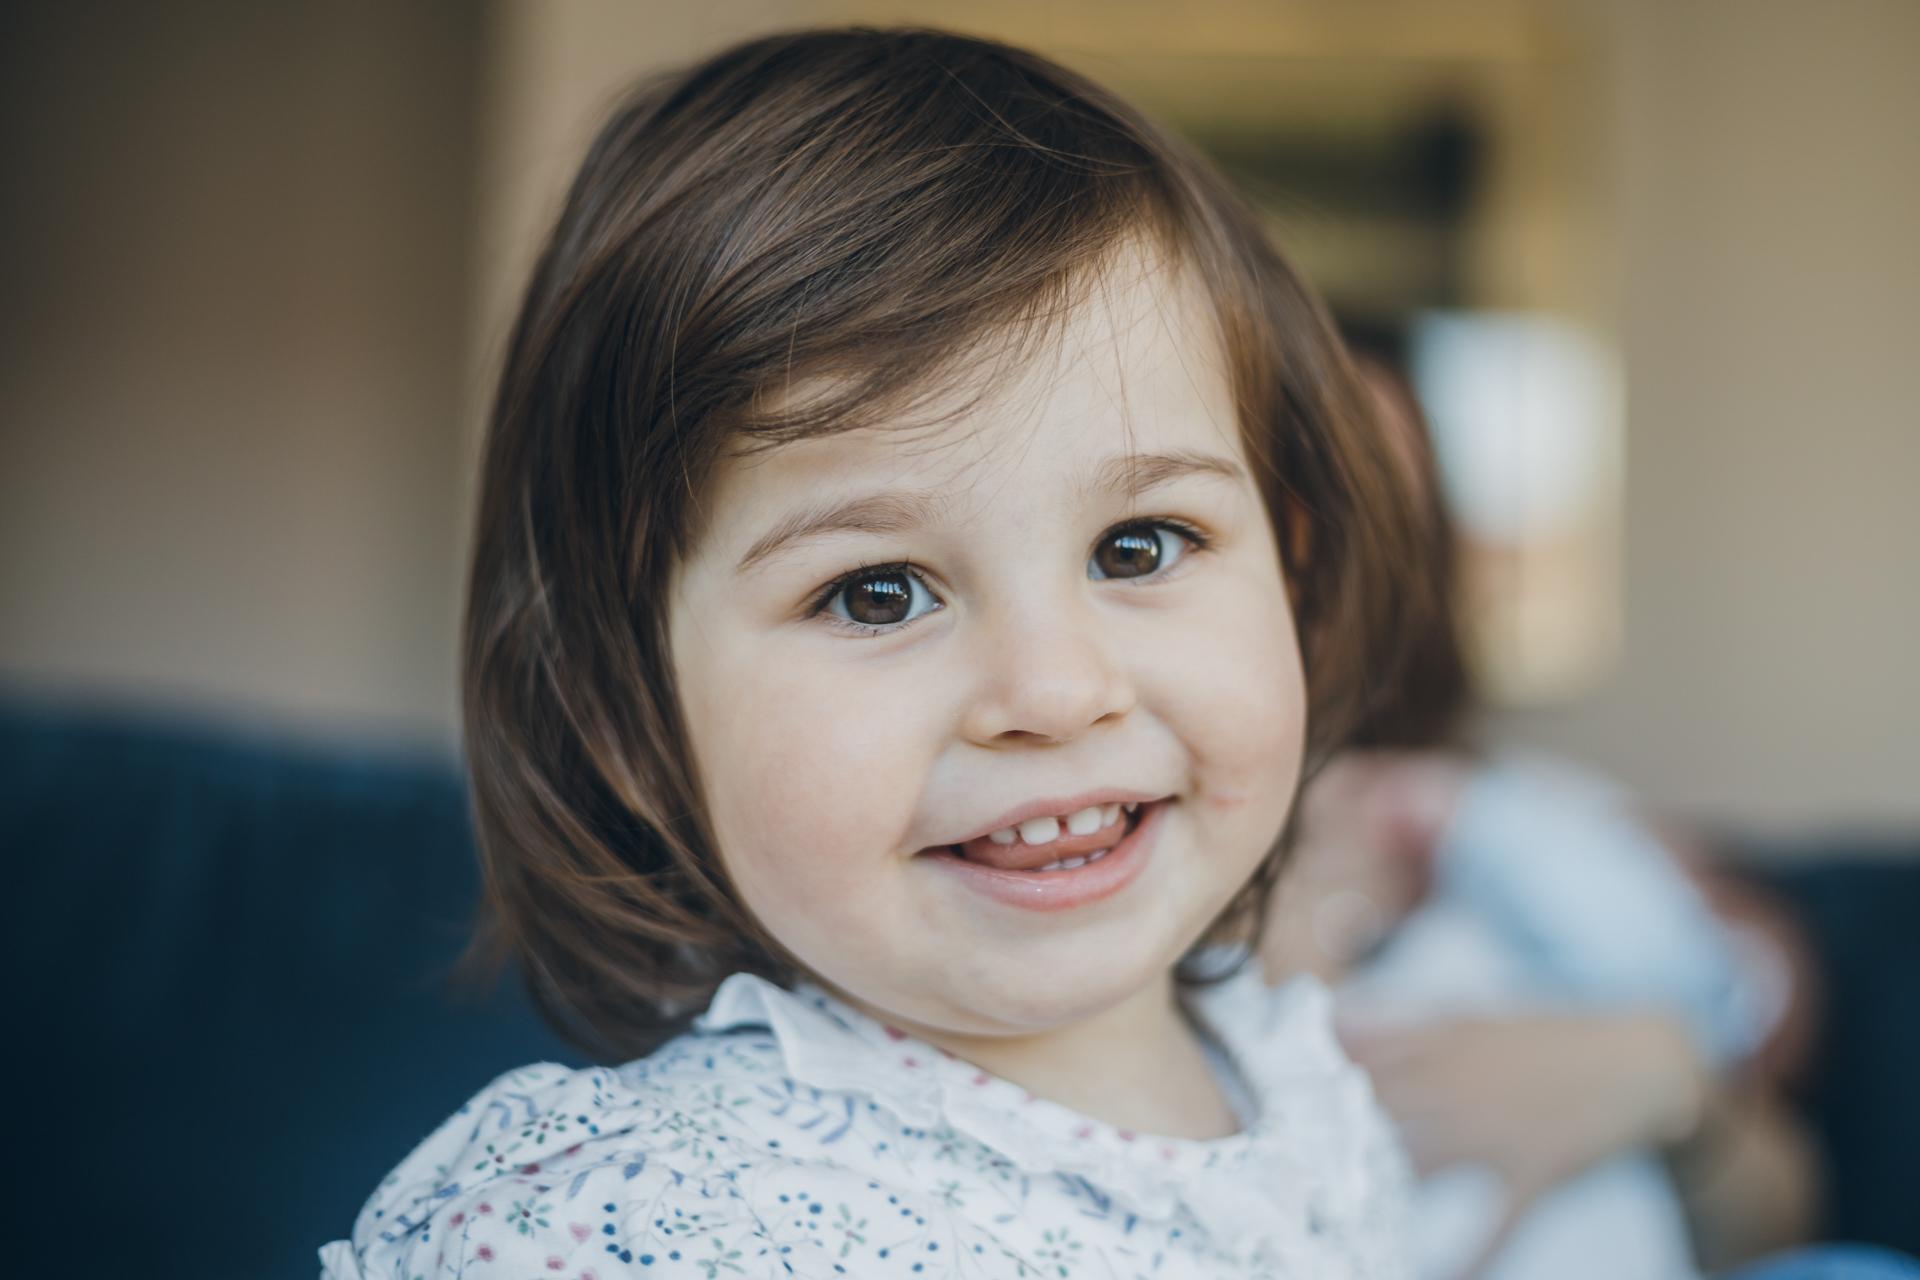 Reportaje de Familia y bebes en domicilio - Cristina